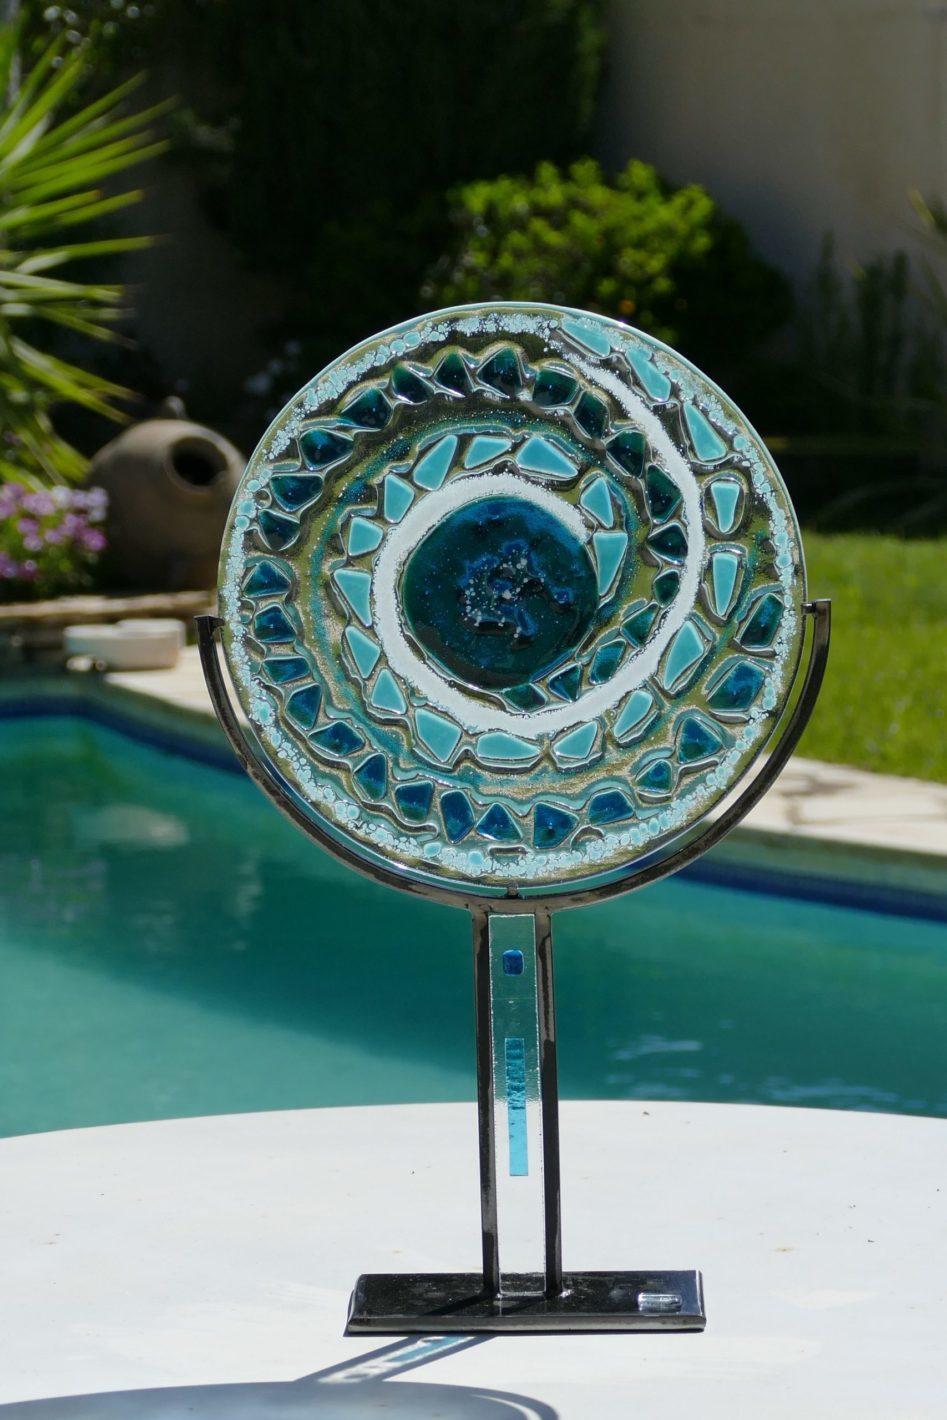 Cercle en verre de 30 cm dans les dégradés de bleus dans